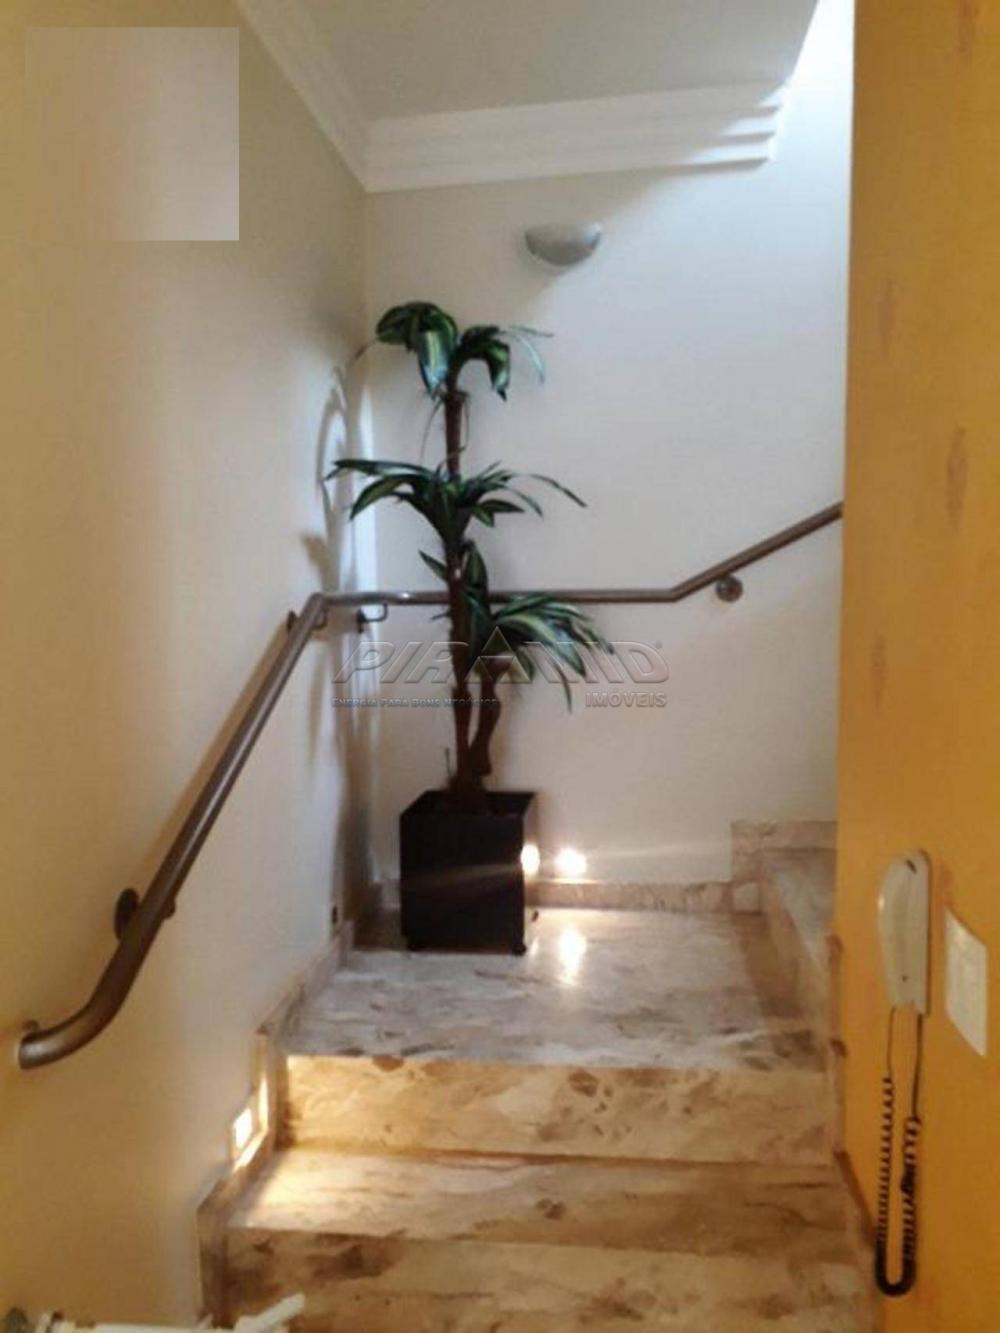 Comprar Casa / Condomínio em Ribeirão Preto apenas R$ 590.000,00 - Foto 4